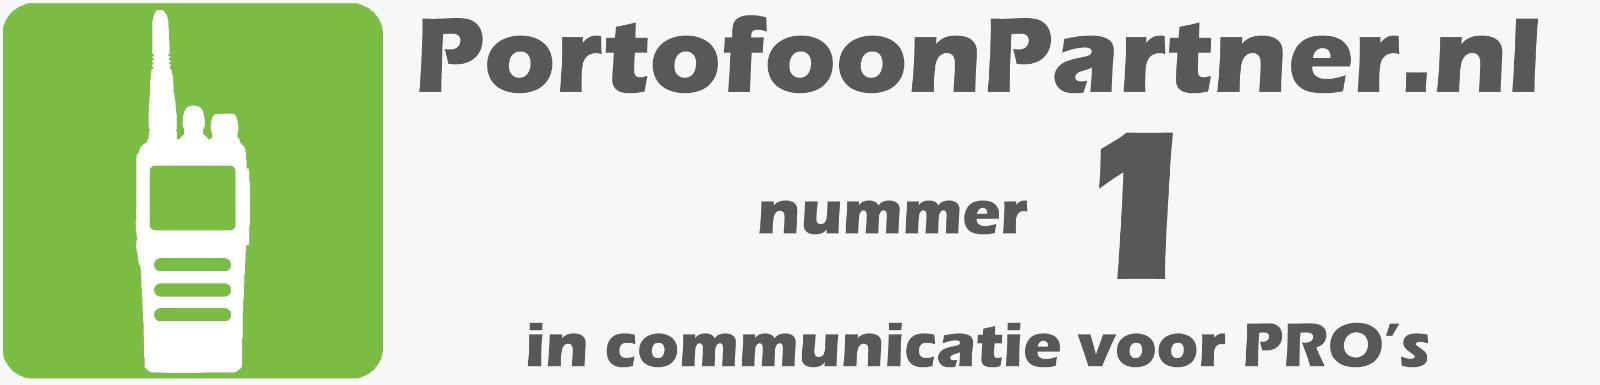 Portofoonpartner.nl